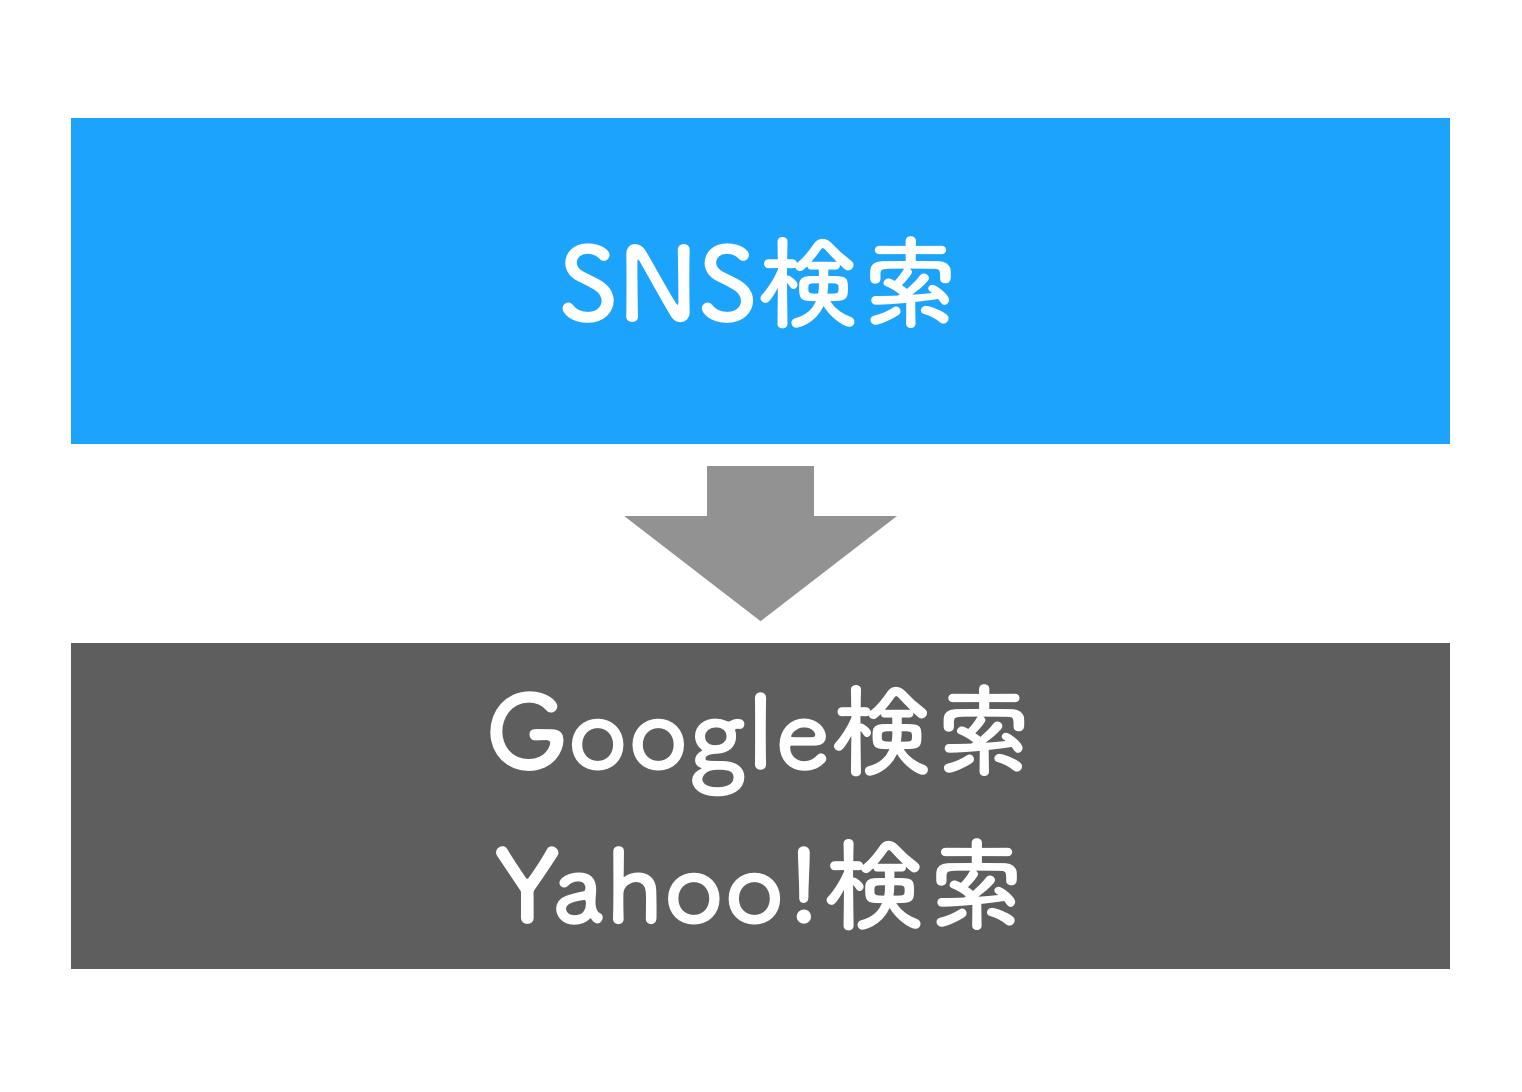 【徹底解明】当たり前になった「SNS検索」の世界